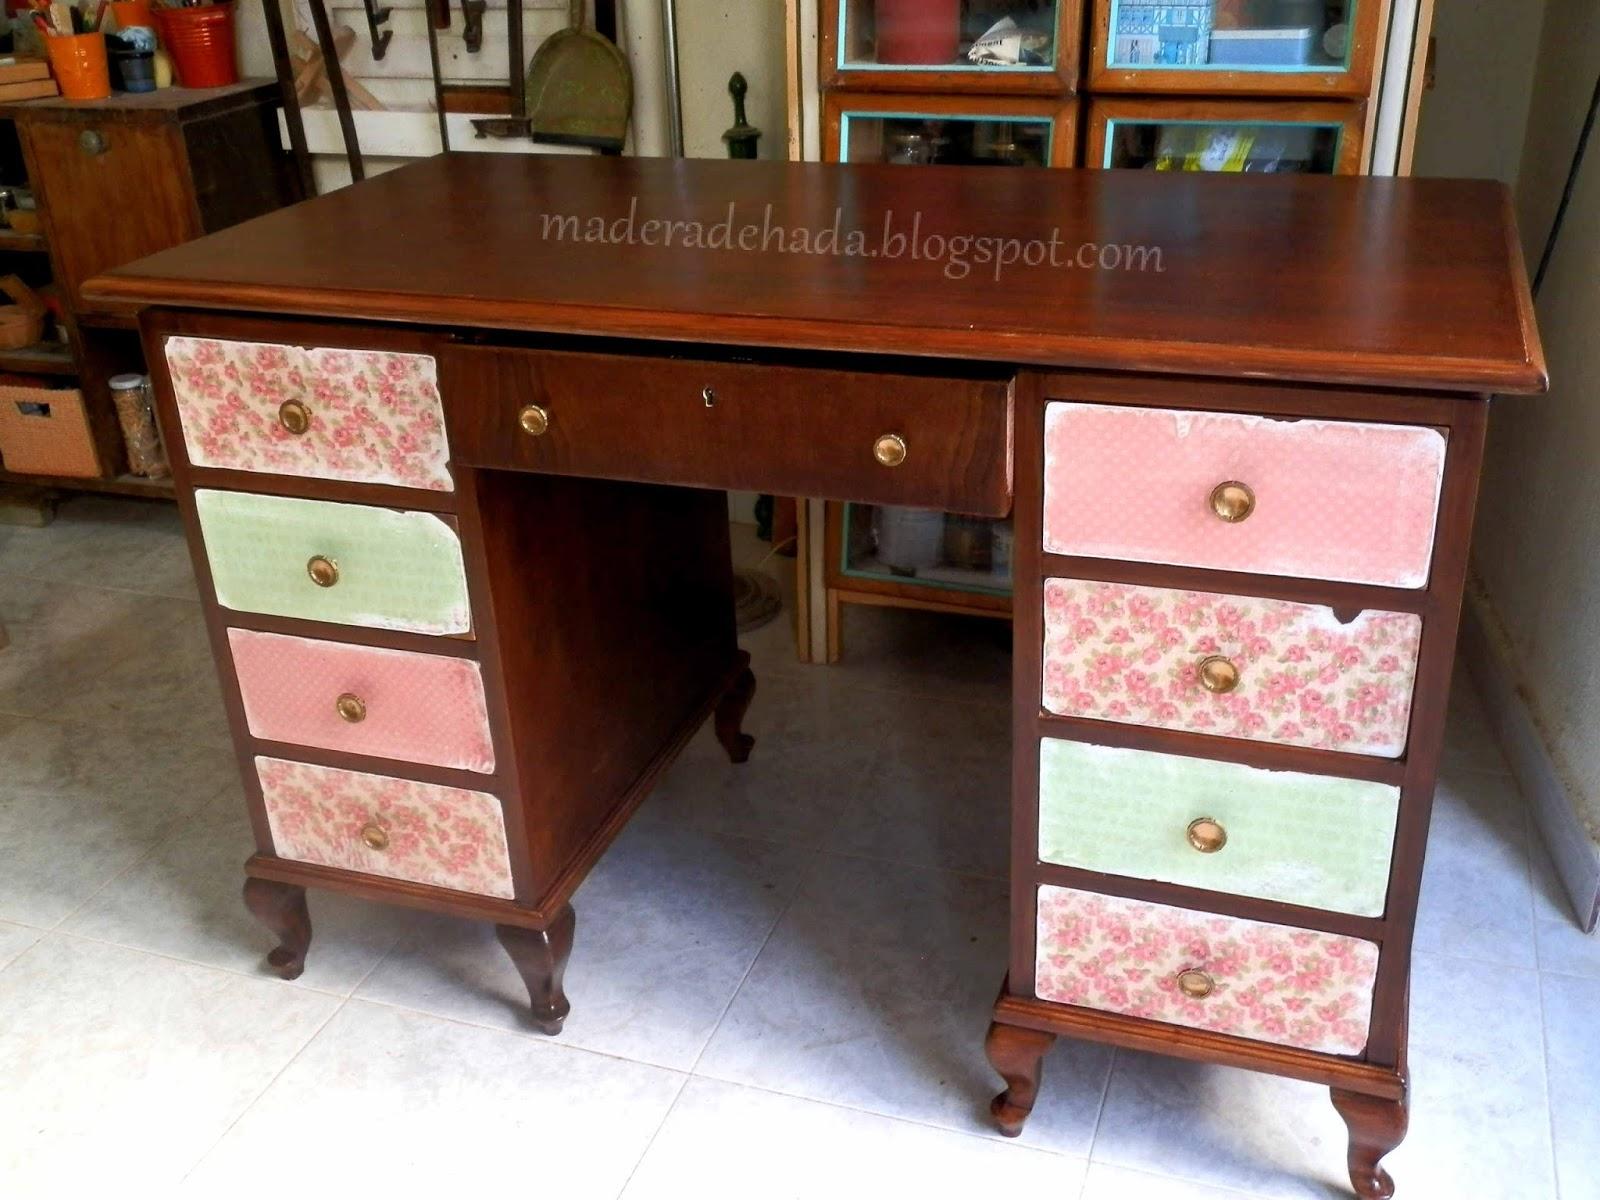 Como quitar la pintura a un mueble de madera madera de hada - Pintura de muebles de madera ...